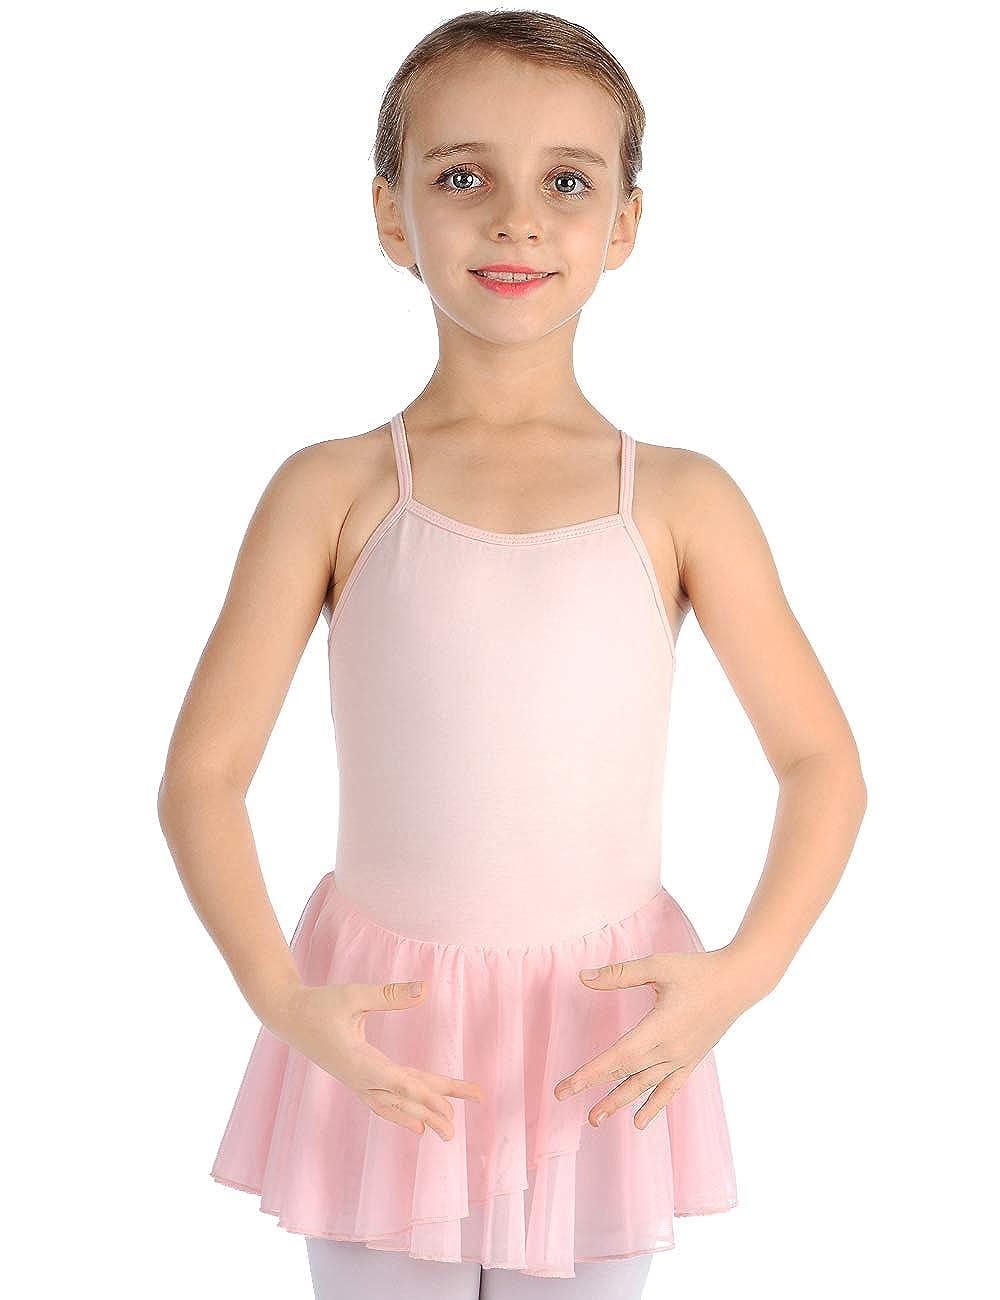 MDNME Girls' Camisole Cotton Leotard Dress